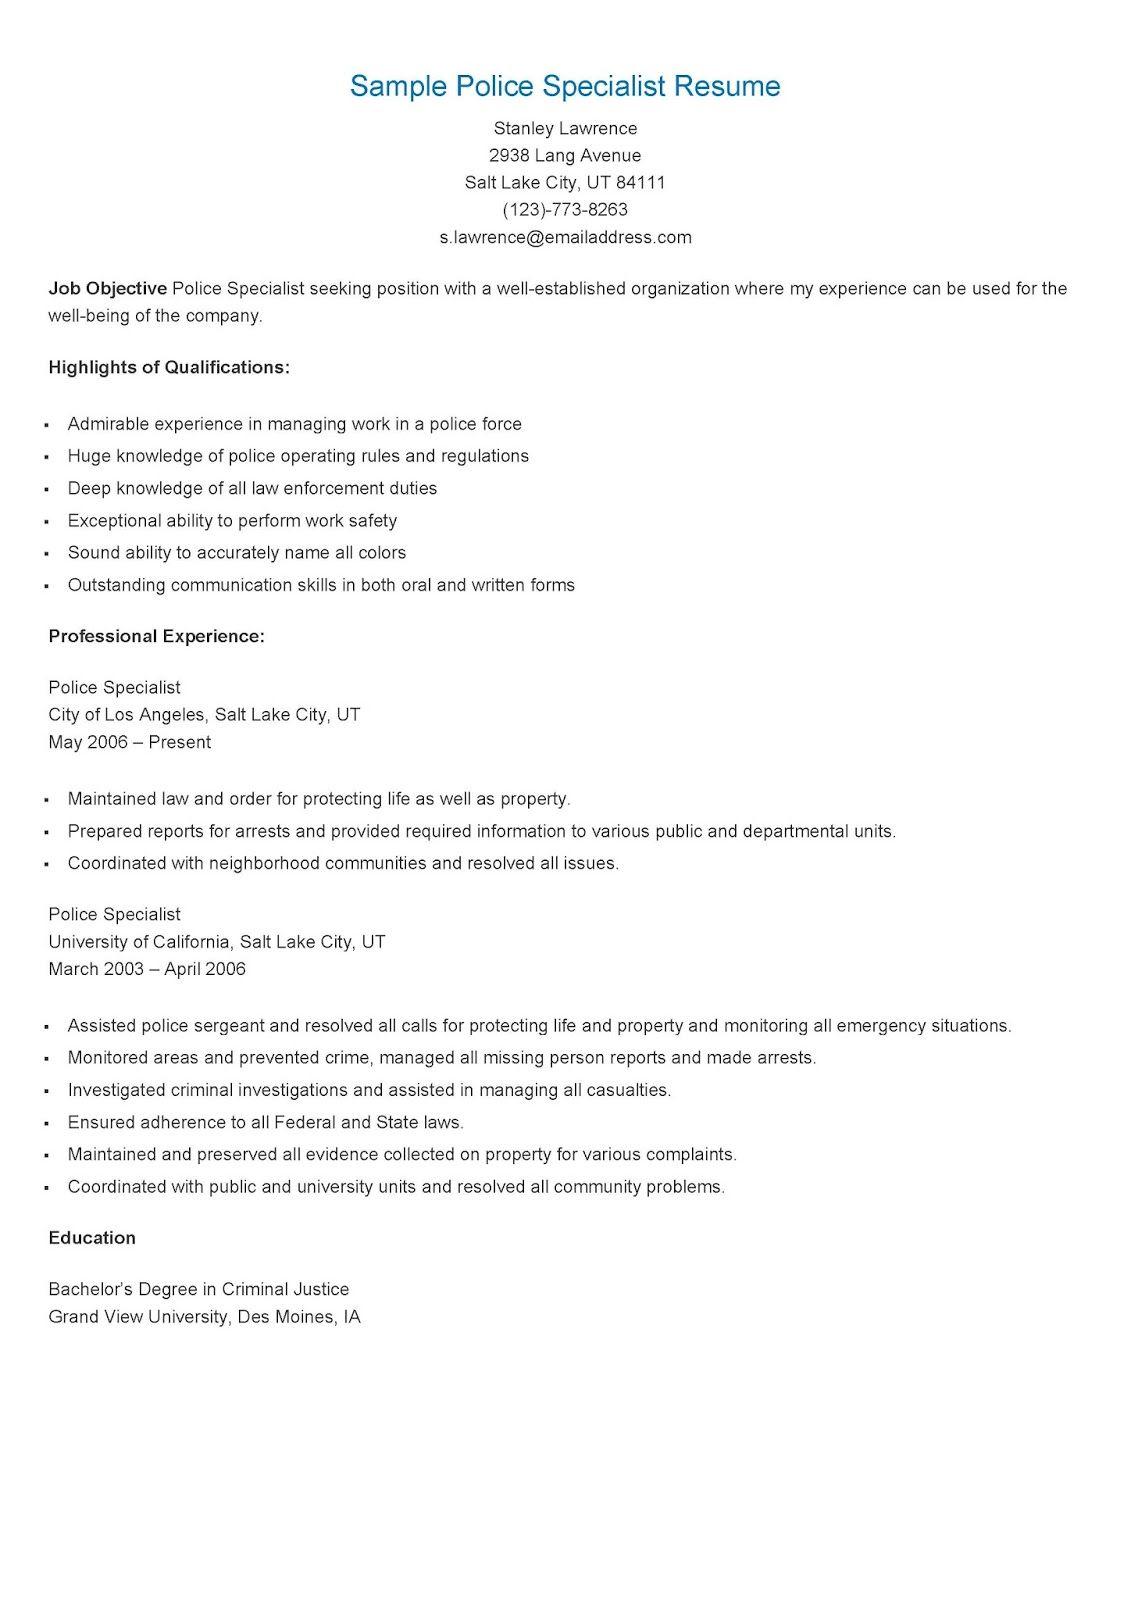 Sample Police Specialist Resume Resume, Sample resume